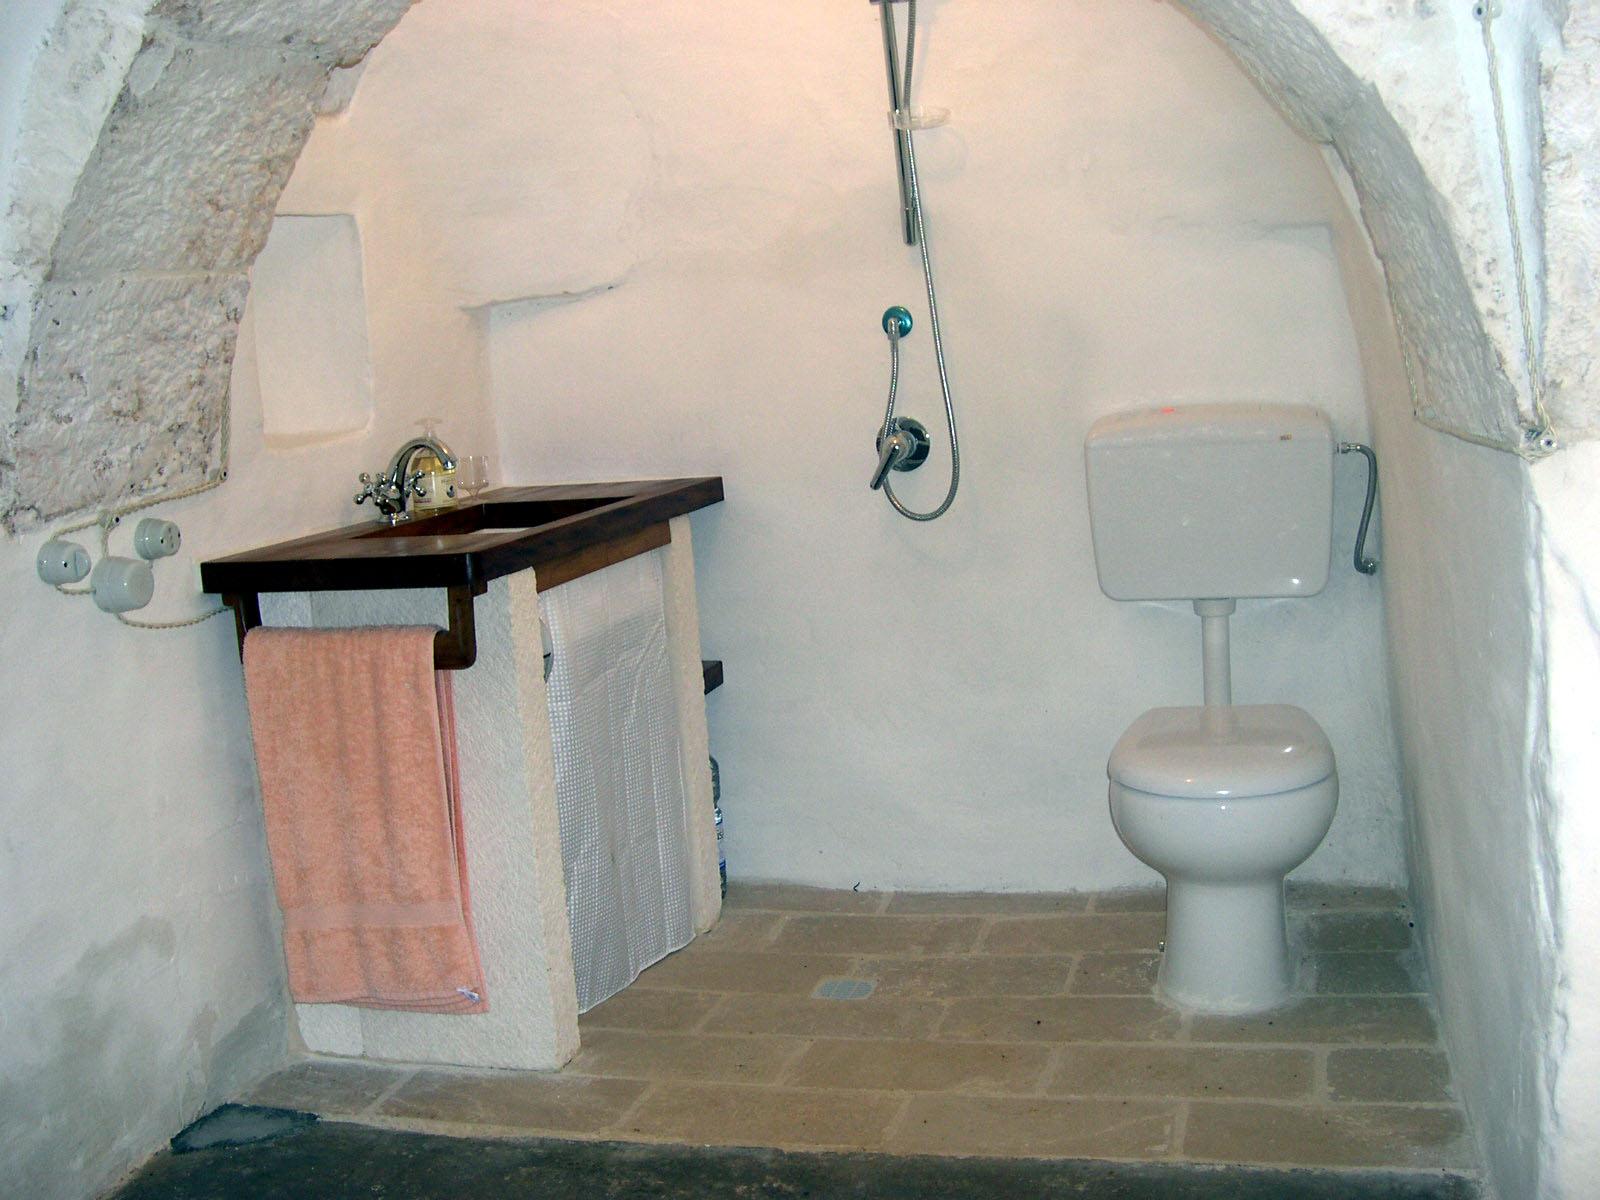 Trullo shower room